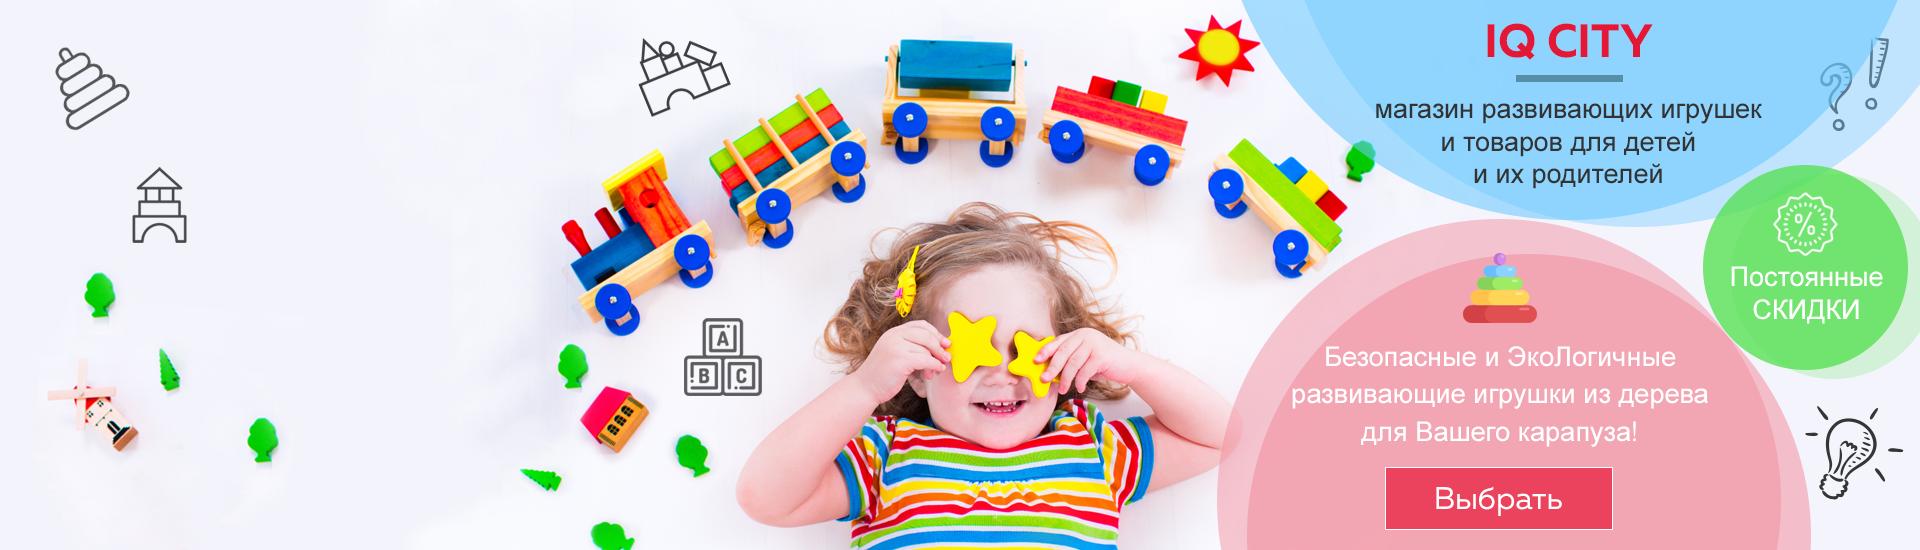 Как выбрать товары для детей